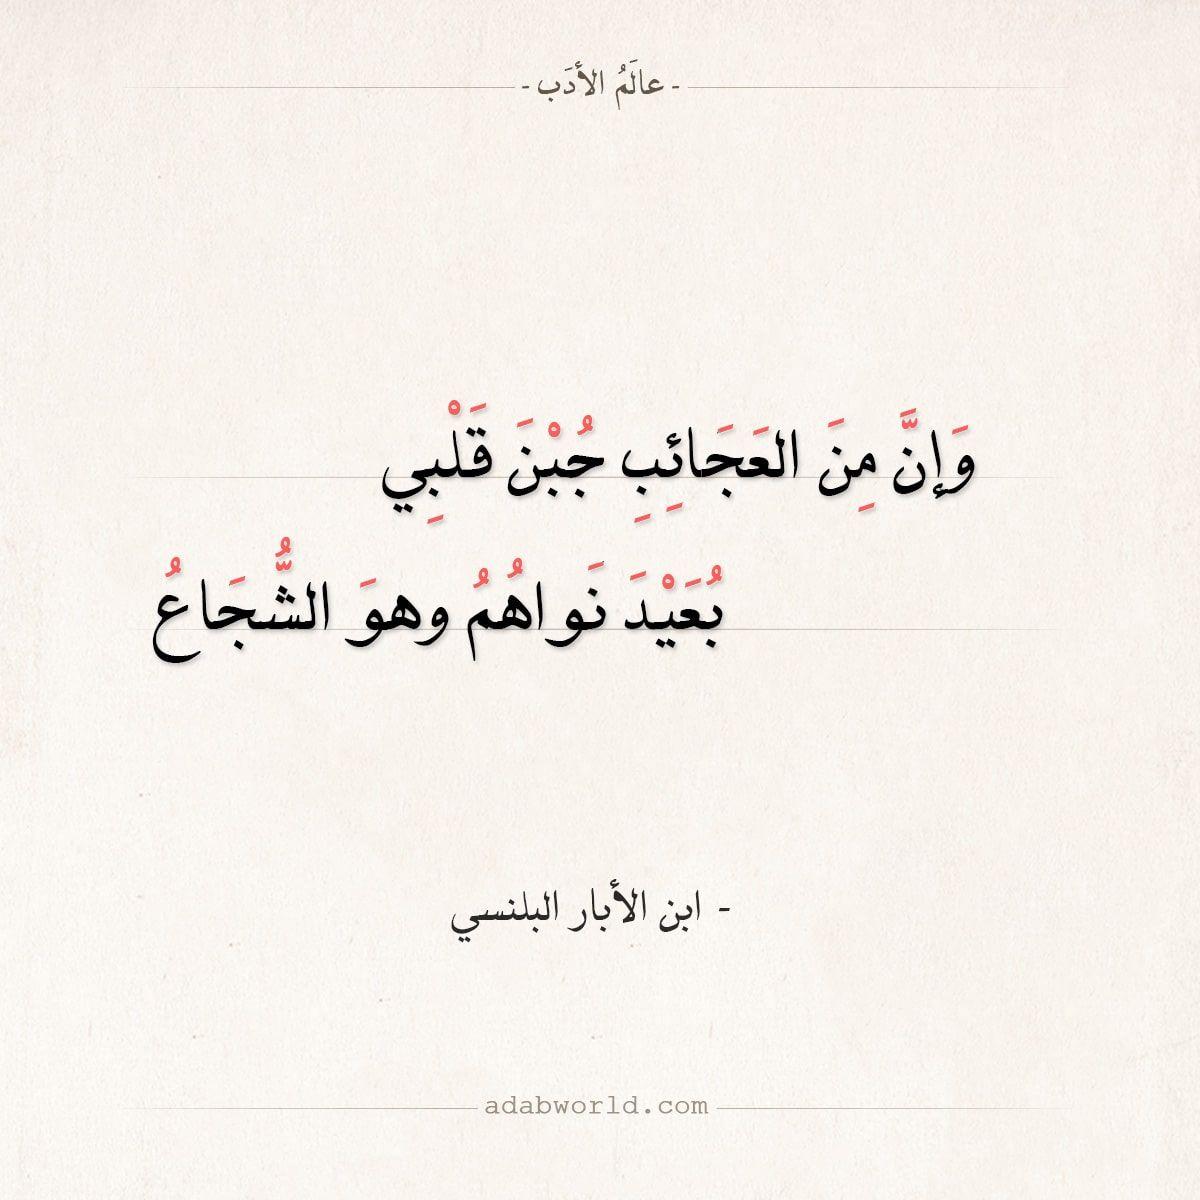 شعر ابن الأبار البلنسي وإن من العجائب جبن قلبي عالم الأدب Math Arabic